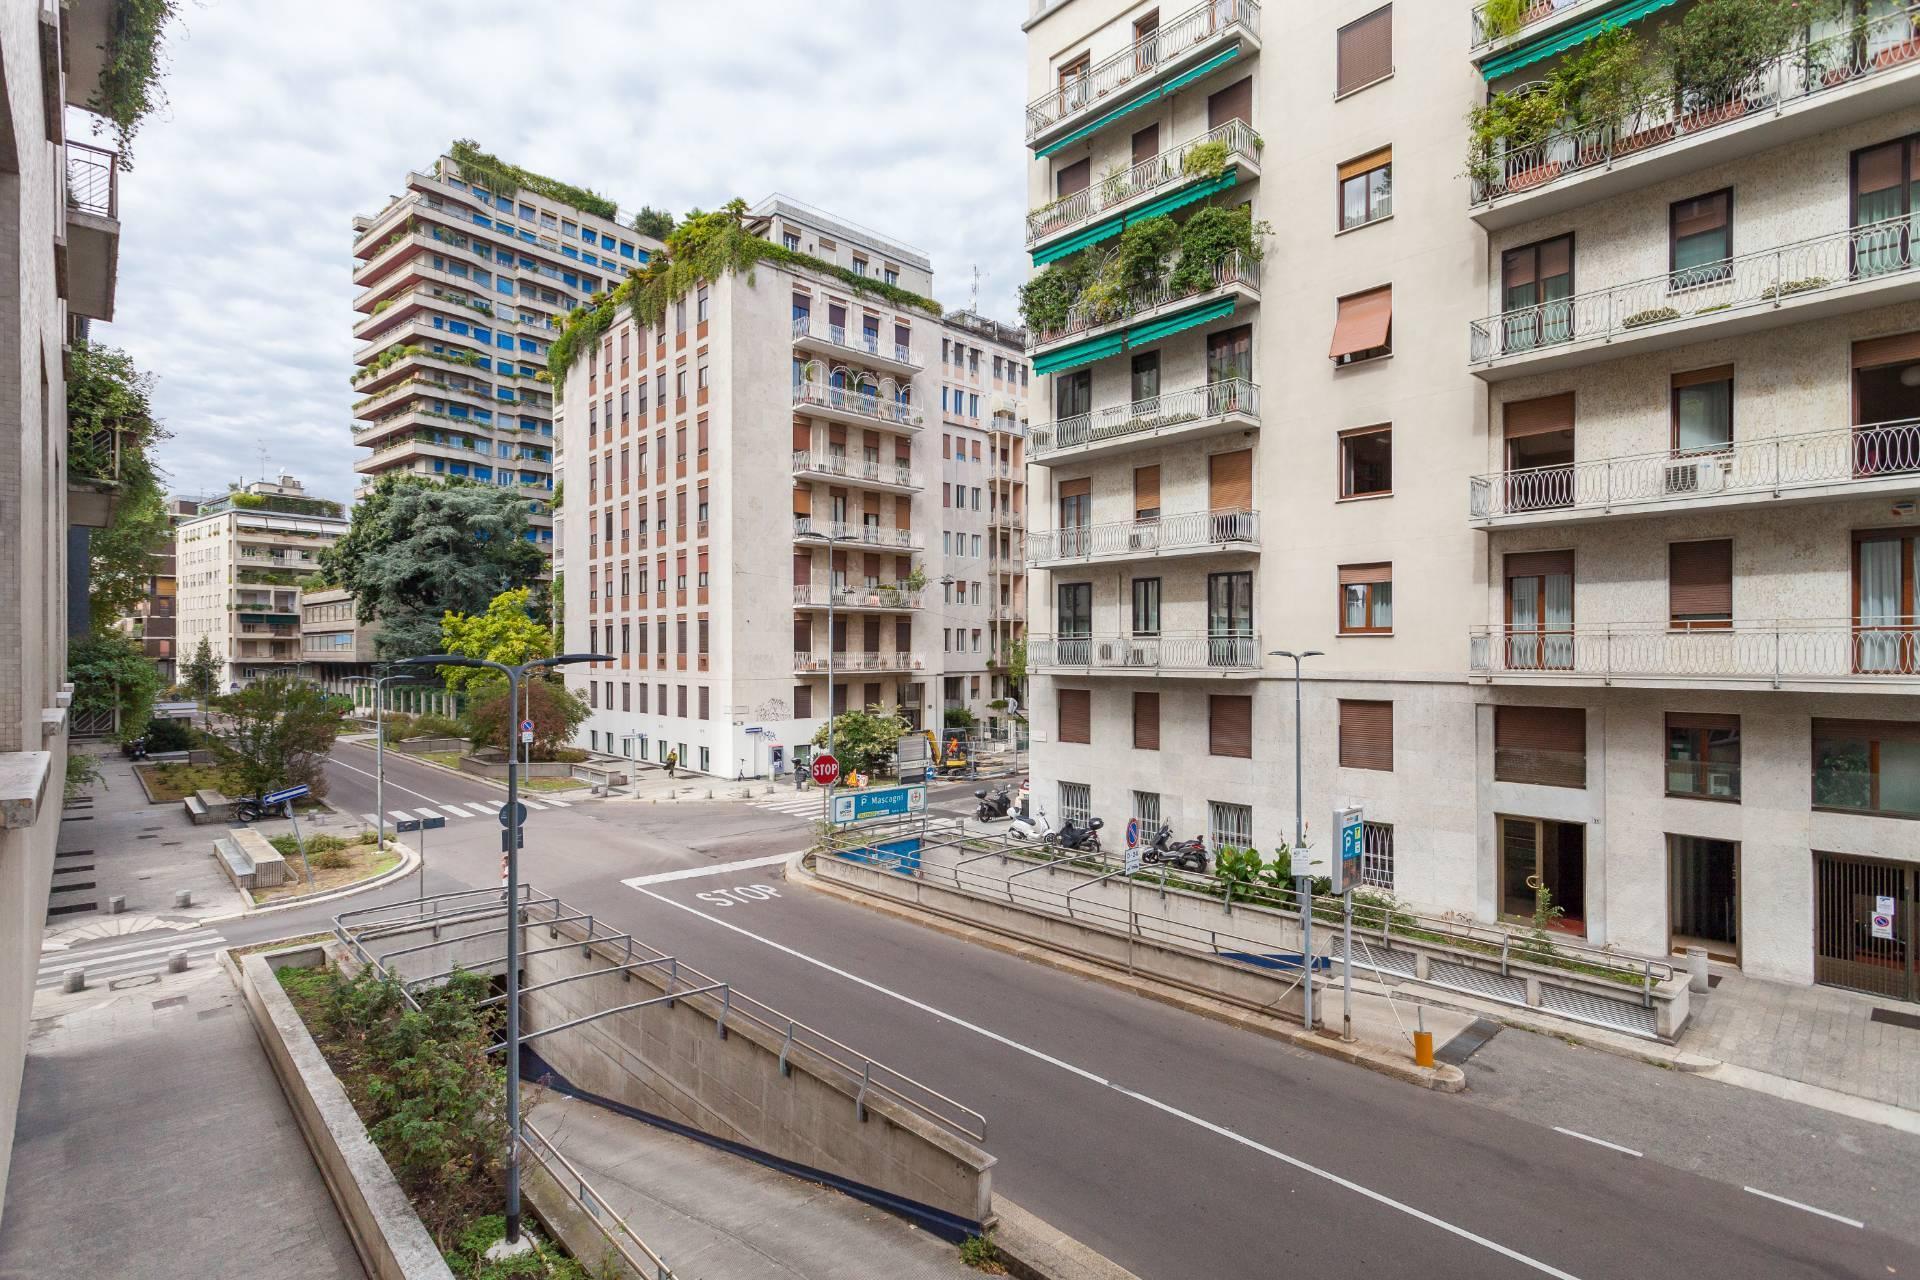 Appartamento signorile in Via Mascagni - 20